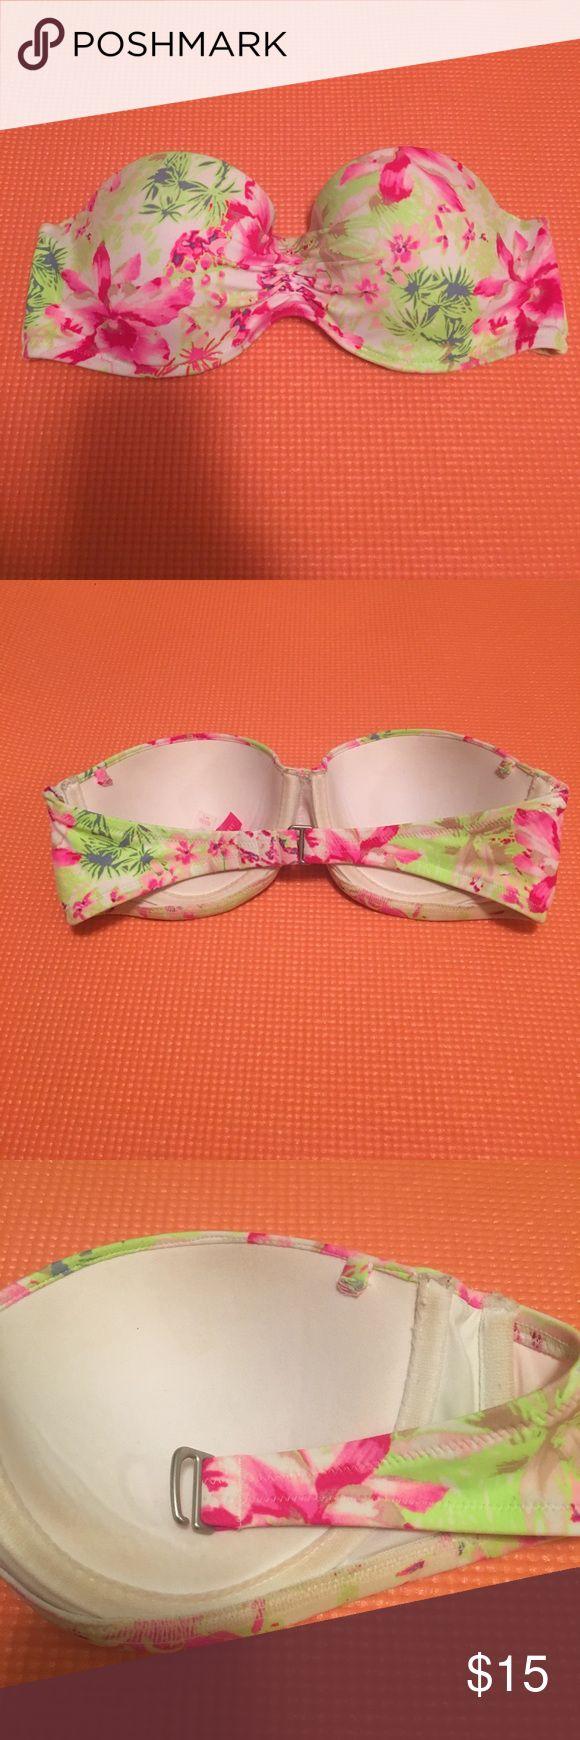 Victoria's Secret Bandeau Bikini Top Victoria's Secret Bandeau Bikini Top. Colorful floral print. Ruched center, silver clasp. Has halter strap, no removable padding. Size 34C. Victoria's Secret Swim Bikinis